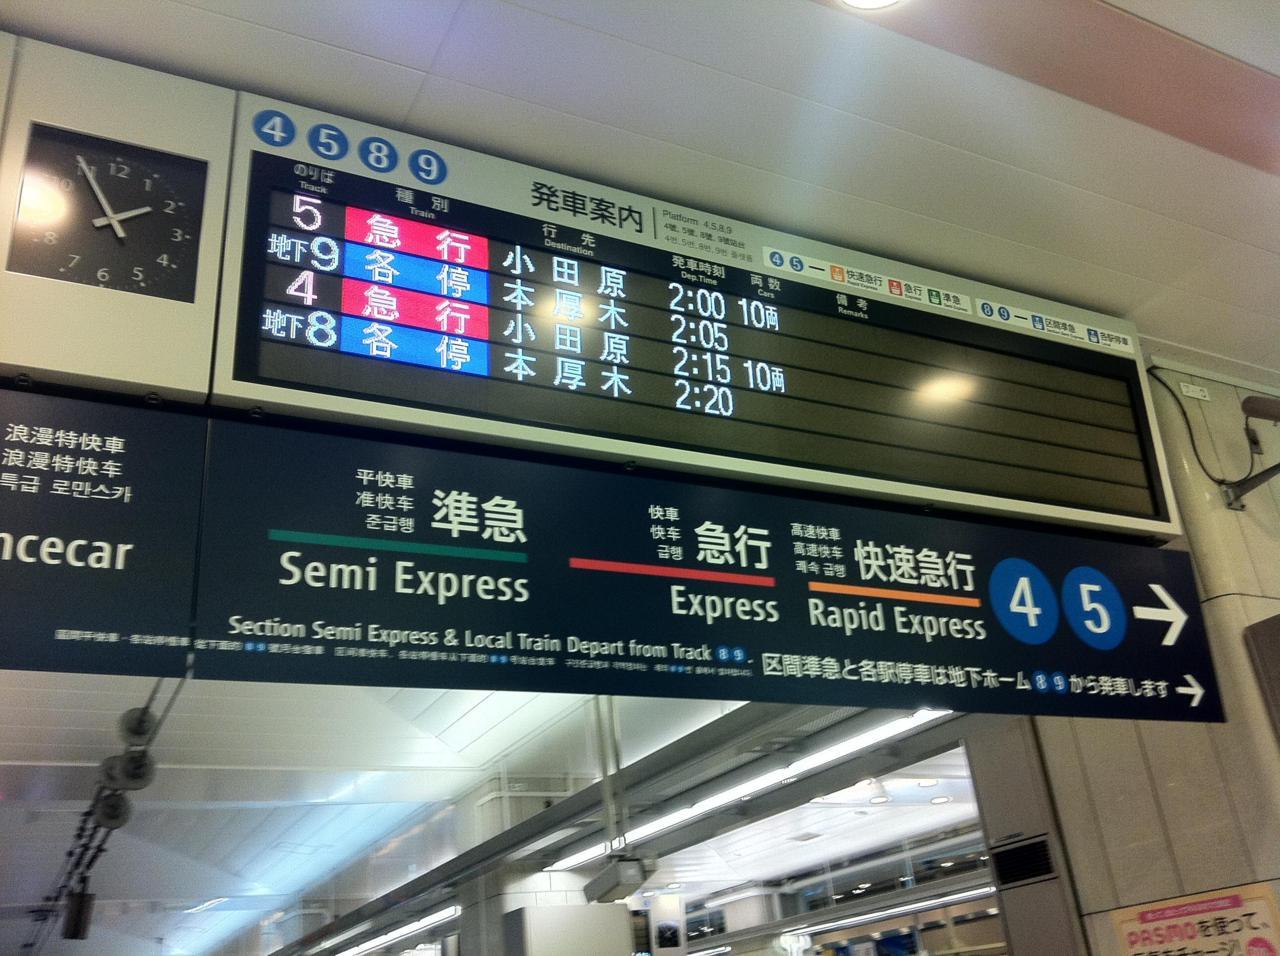 2011/3/12 1:50 小田急線新宿駅